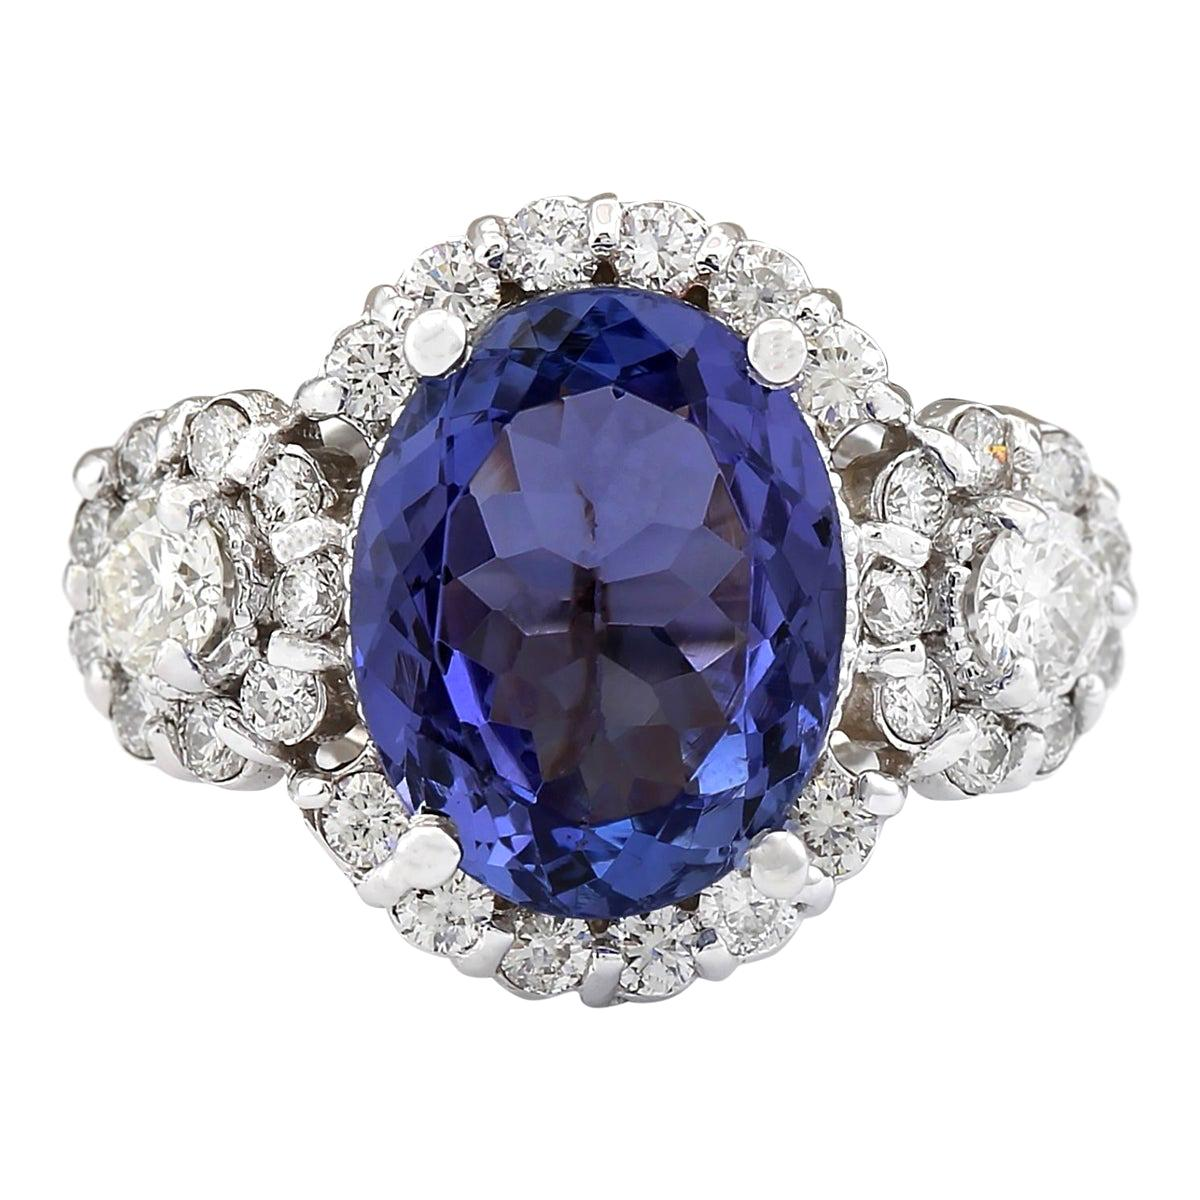 4.80 Carat Natural Tanzanite 18 Karat White Gold Diamond Ring